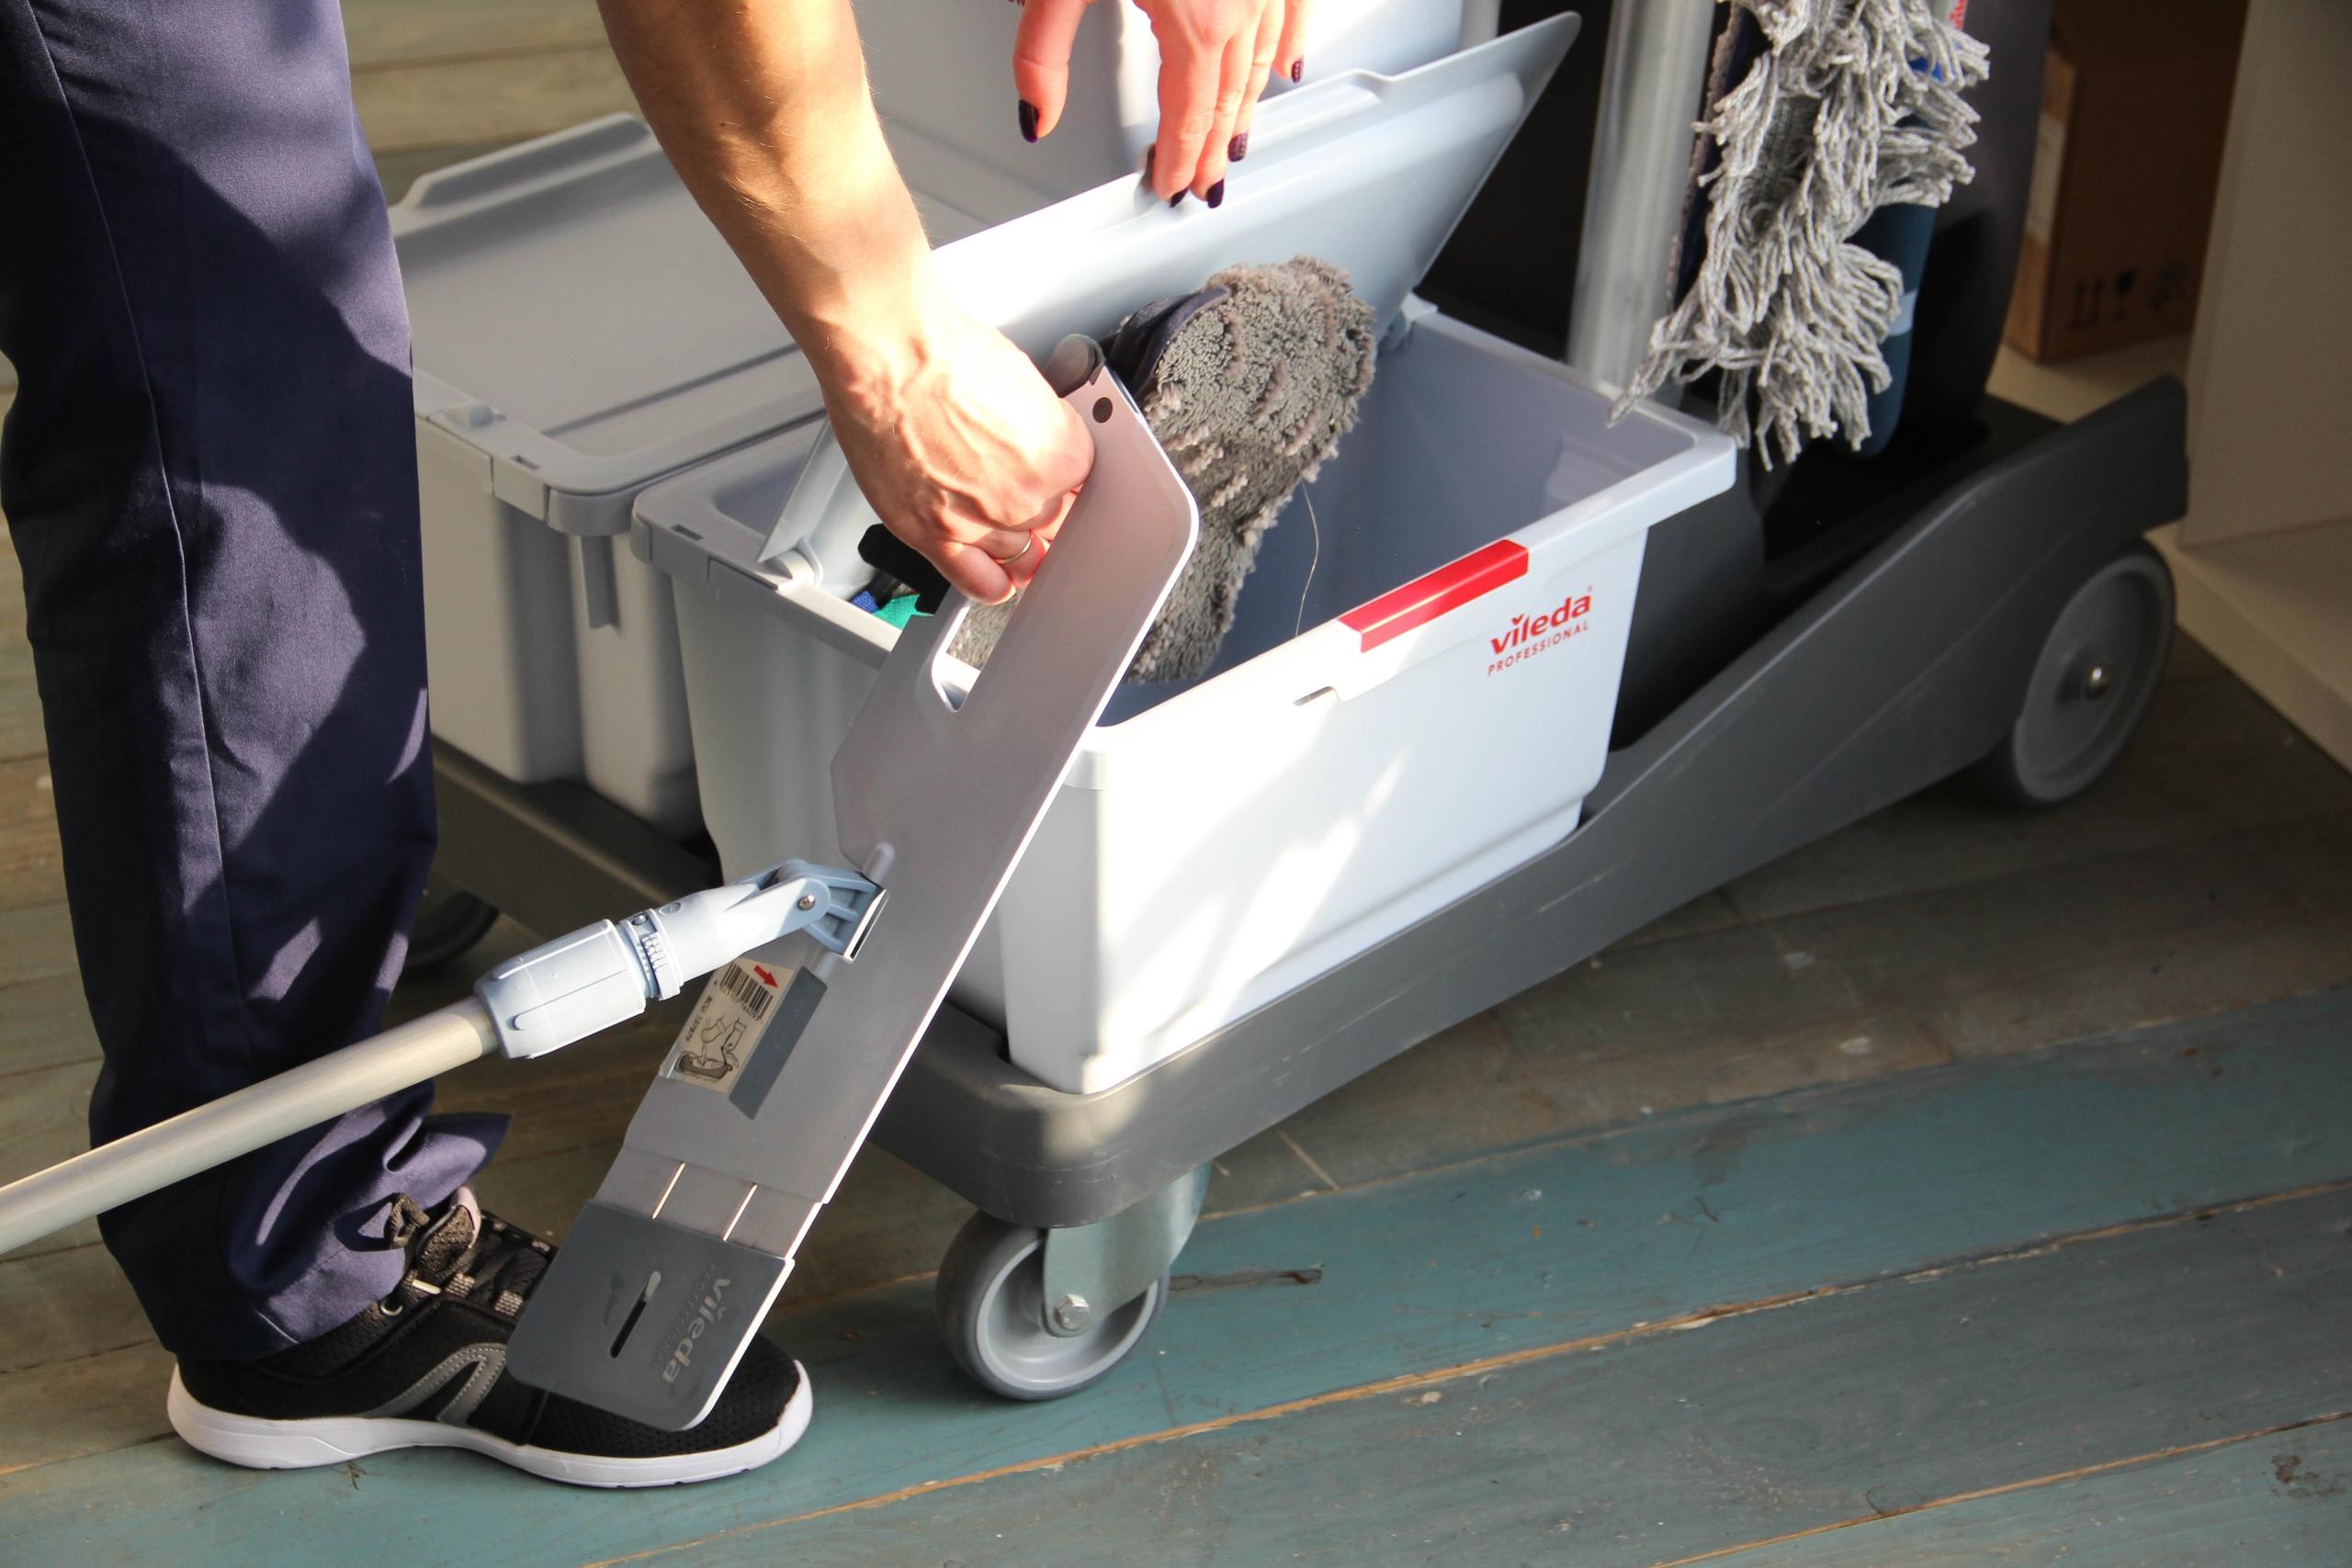 Уборка методом предварительной подготовки, изображение №7